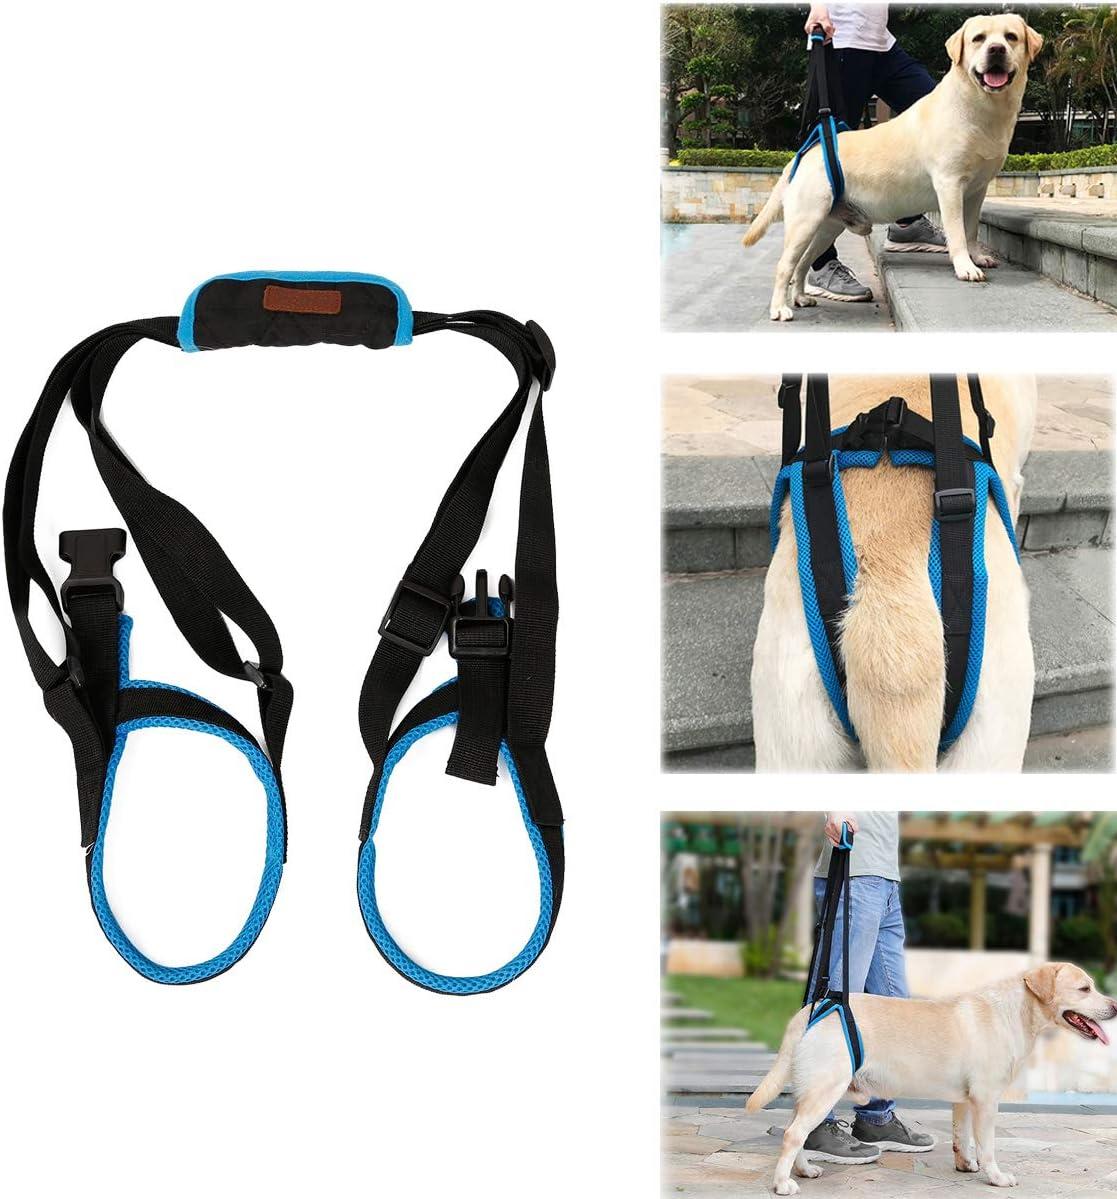 Tineer Dog Lift Arnés para piernas traseras Soporte para Mascotas Arnés Cabestrillo Trasero Ayuda Piernas débiles Levántate Soporte Arnés de Equilibrio para Artritis Rehabilitación Perros (S)